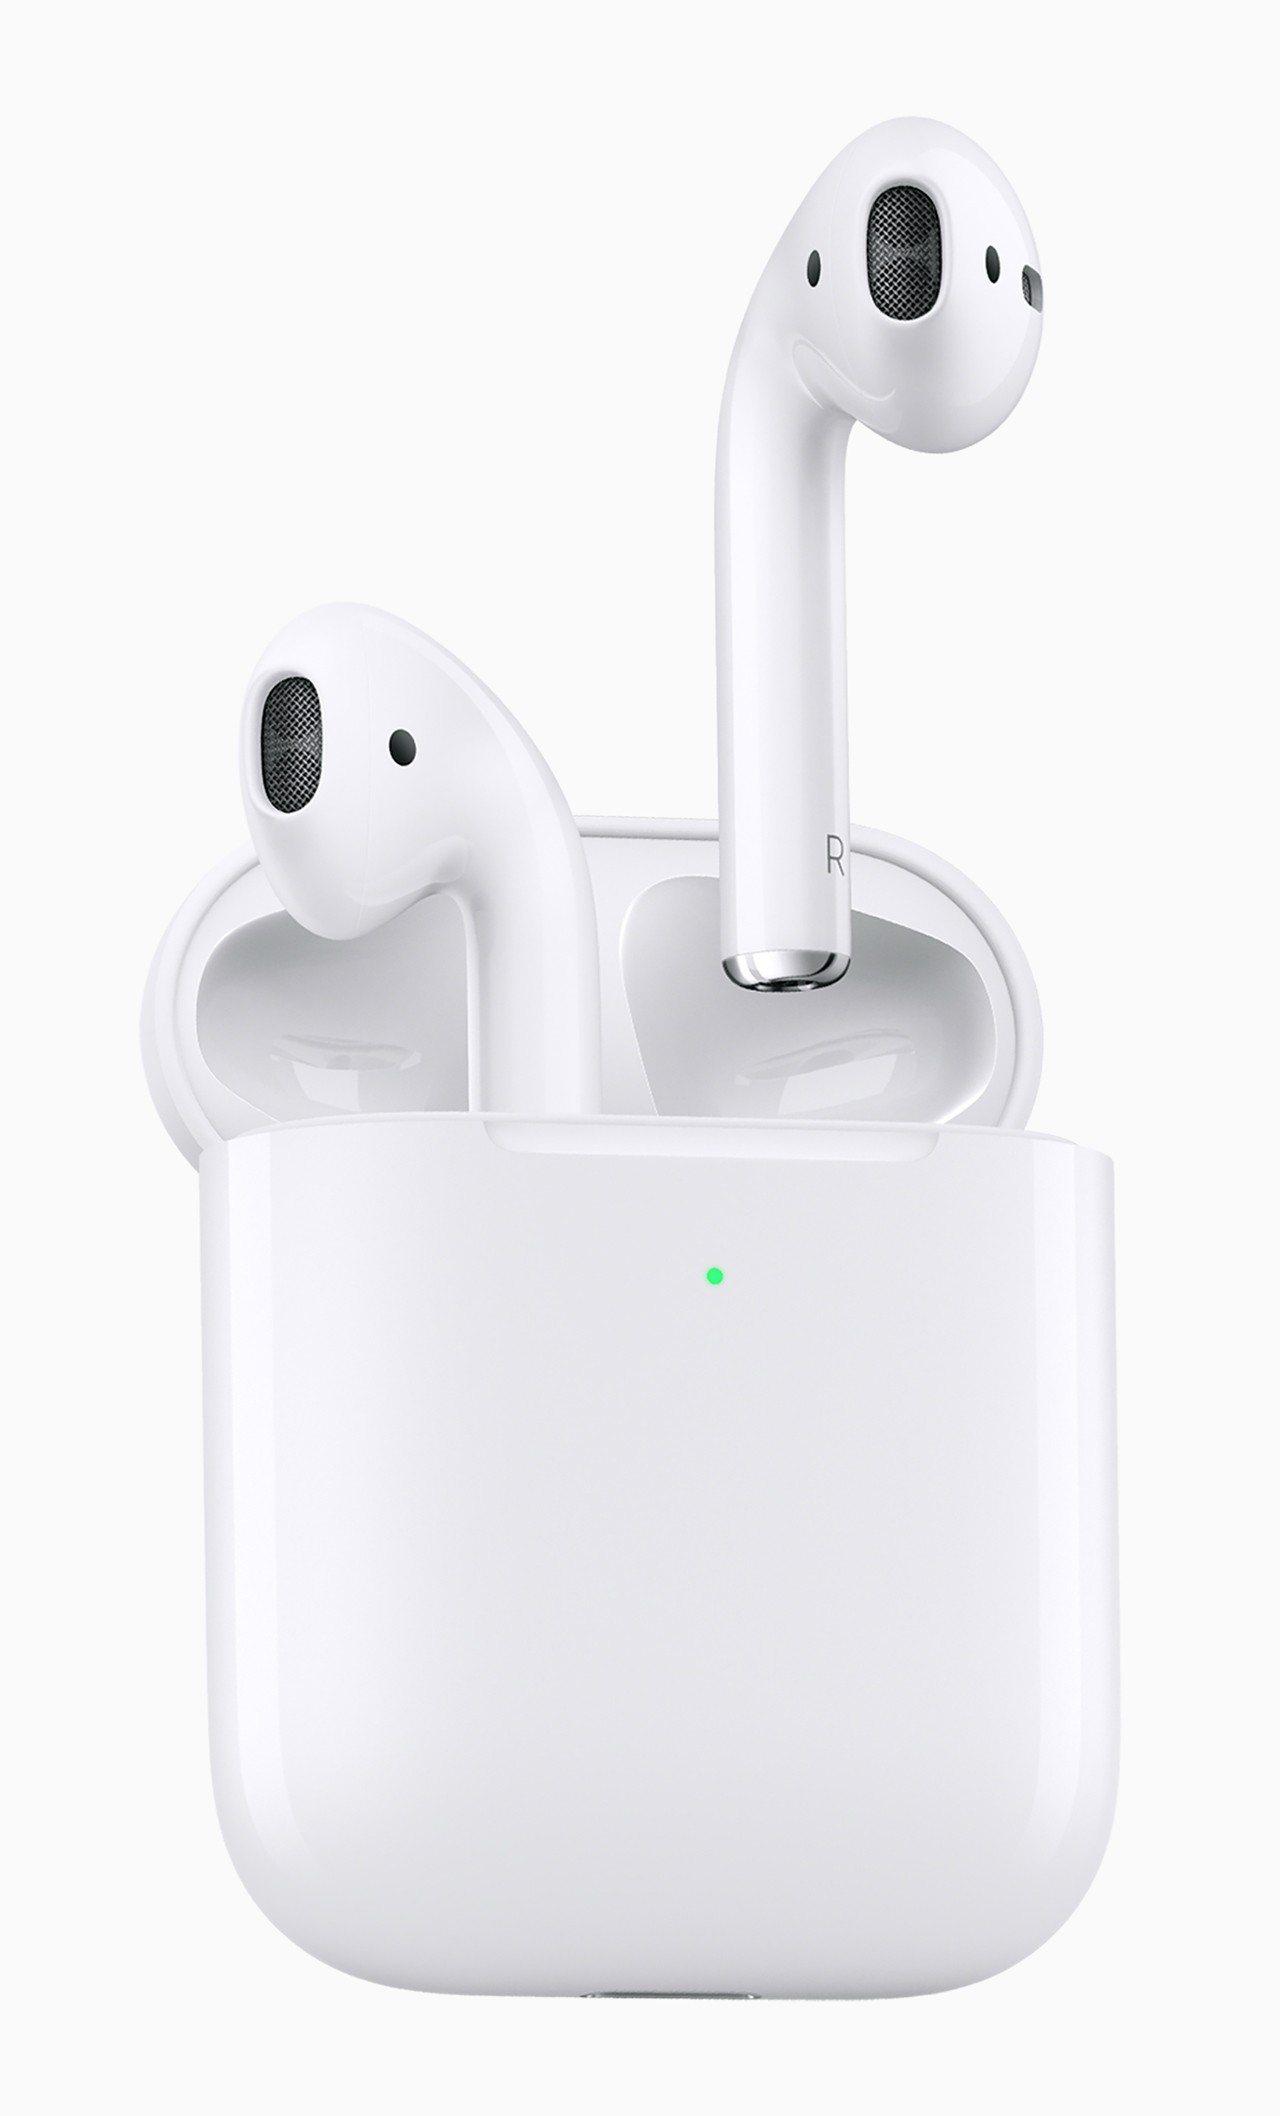 蘋果新款AirPods。 歐新社